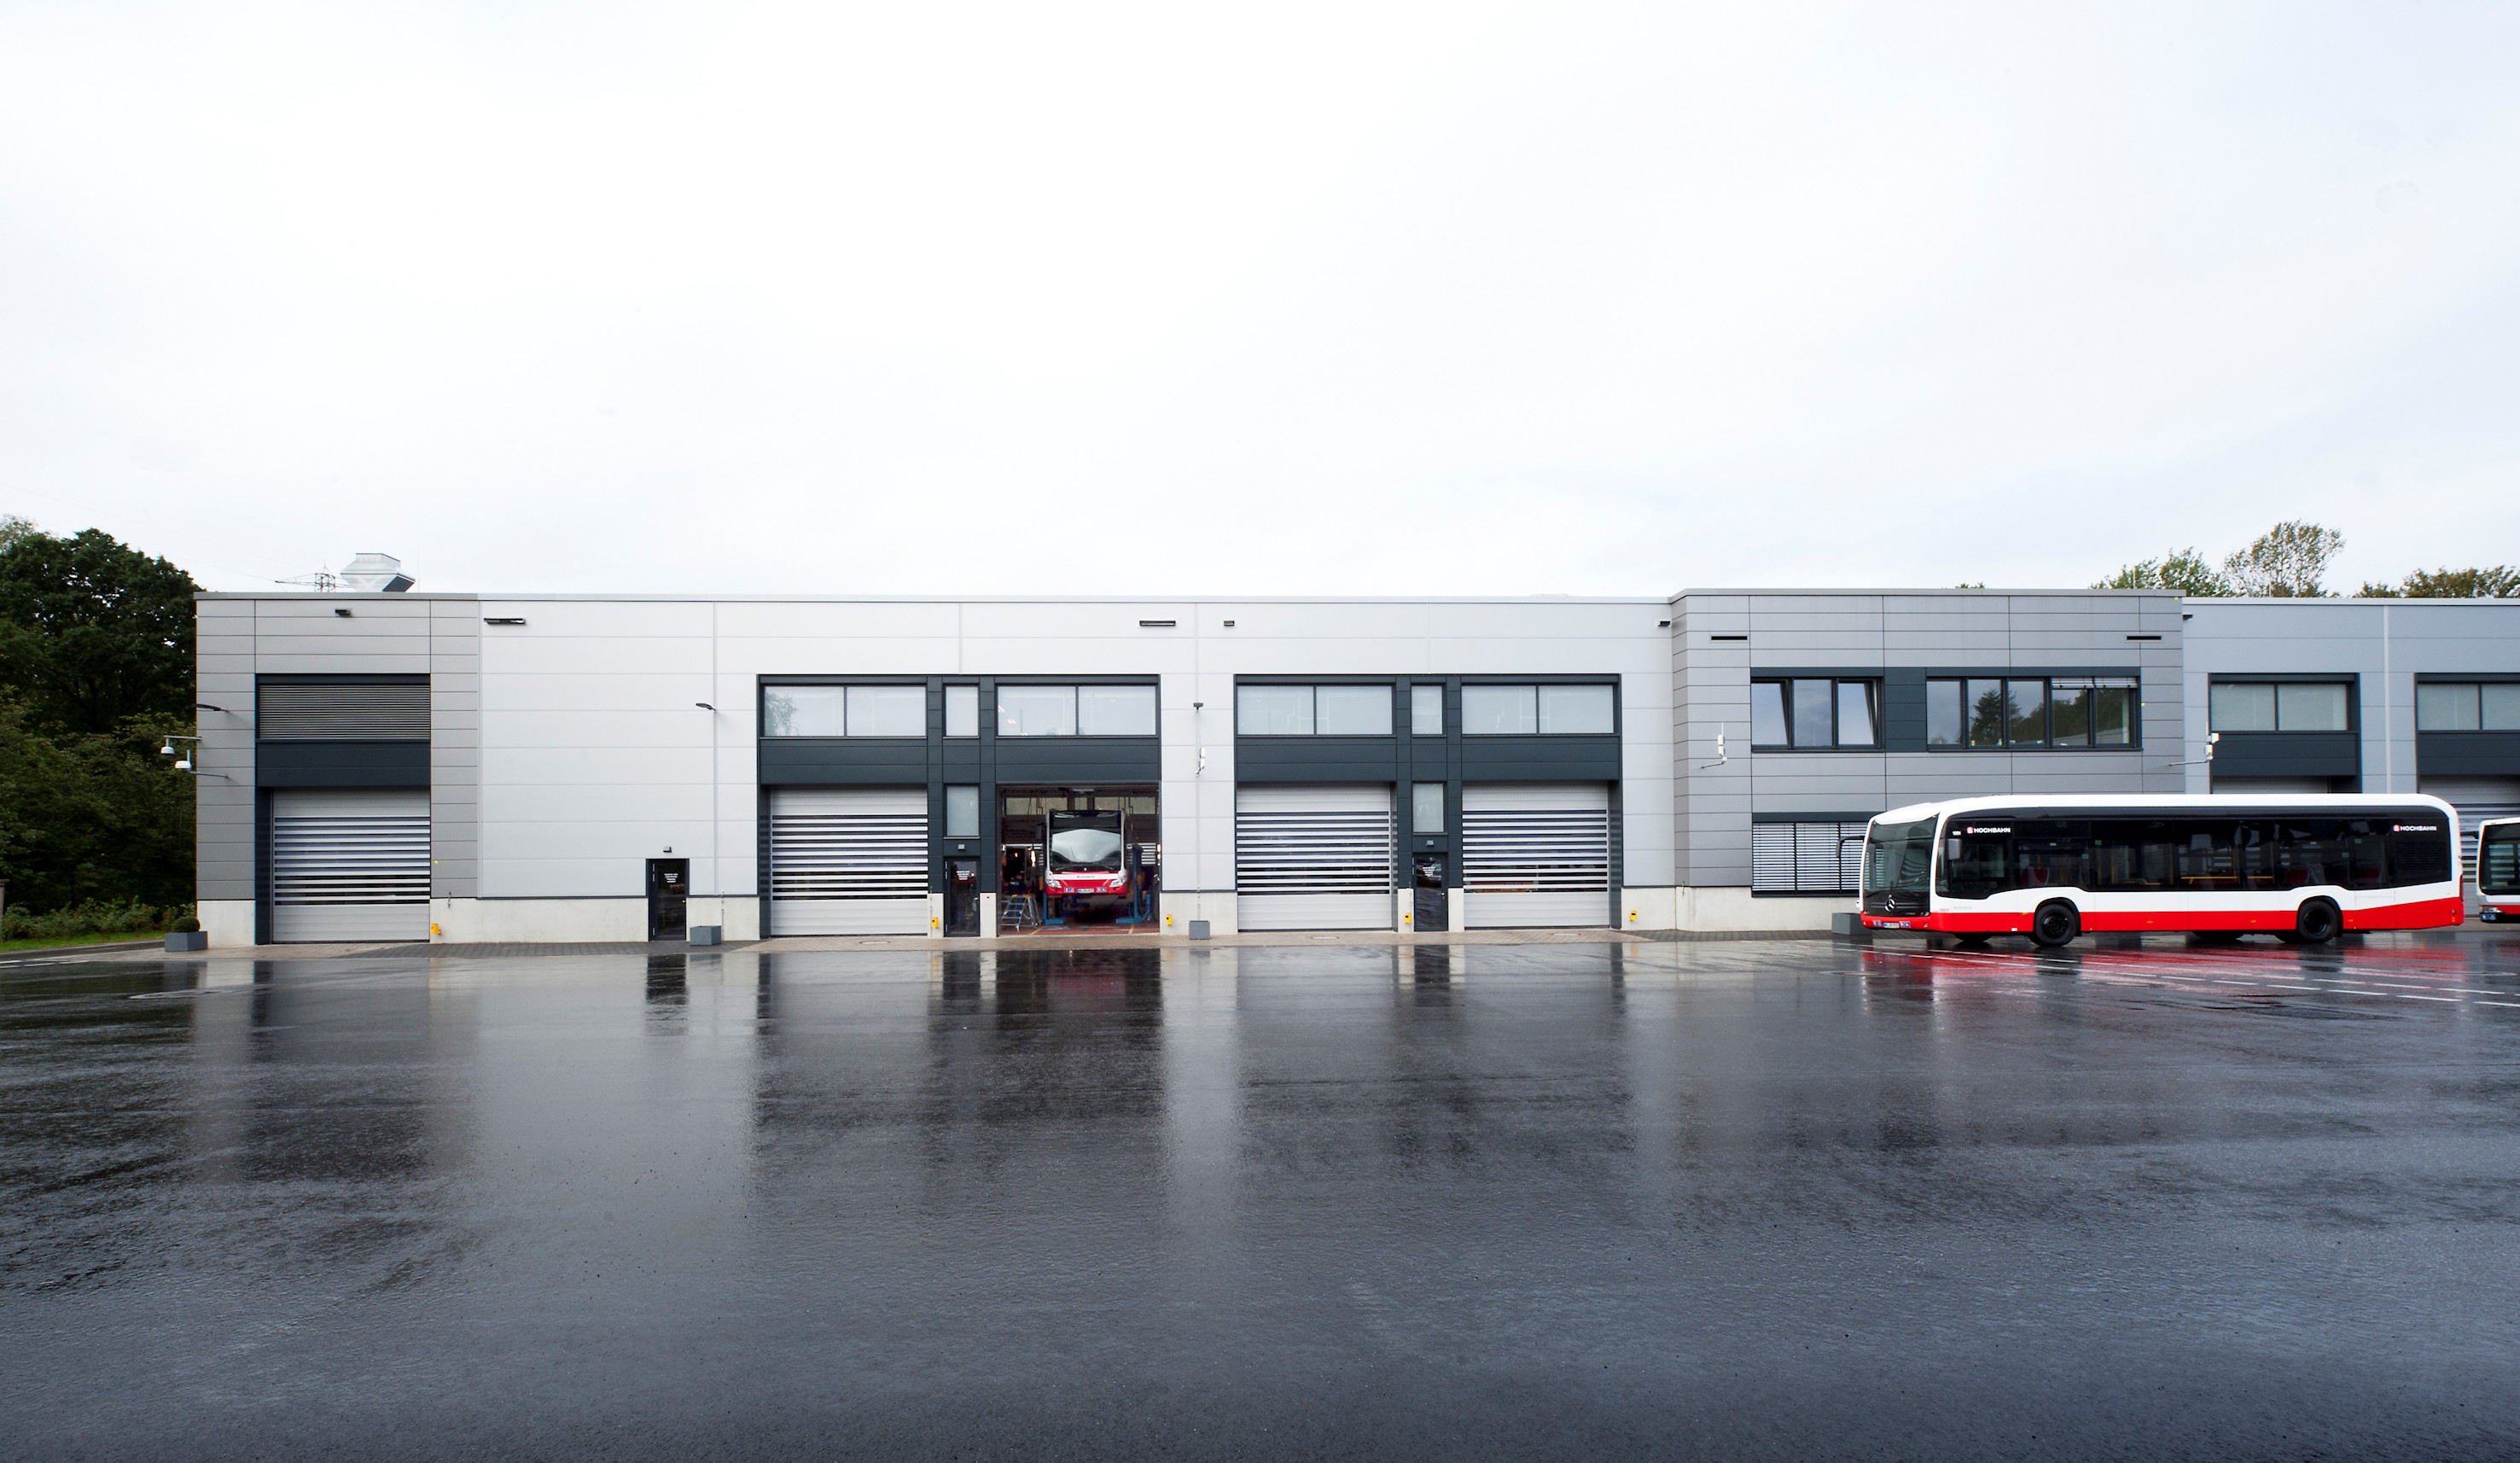 Busbetriebshof Alsterdorf: Ampeln auf Grün für die elektrische Zukunft